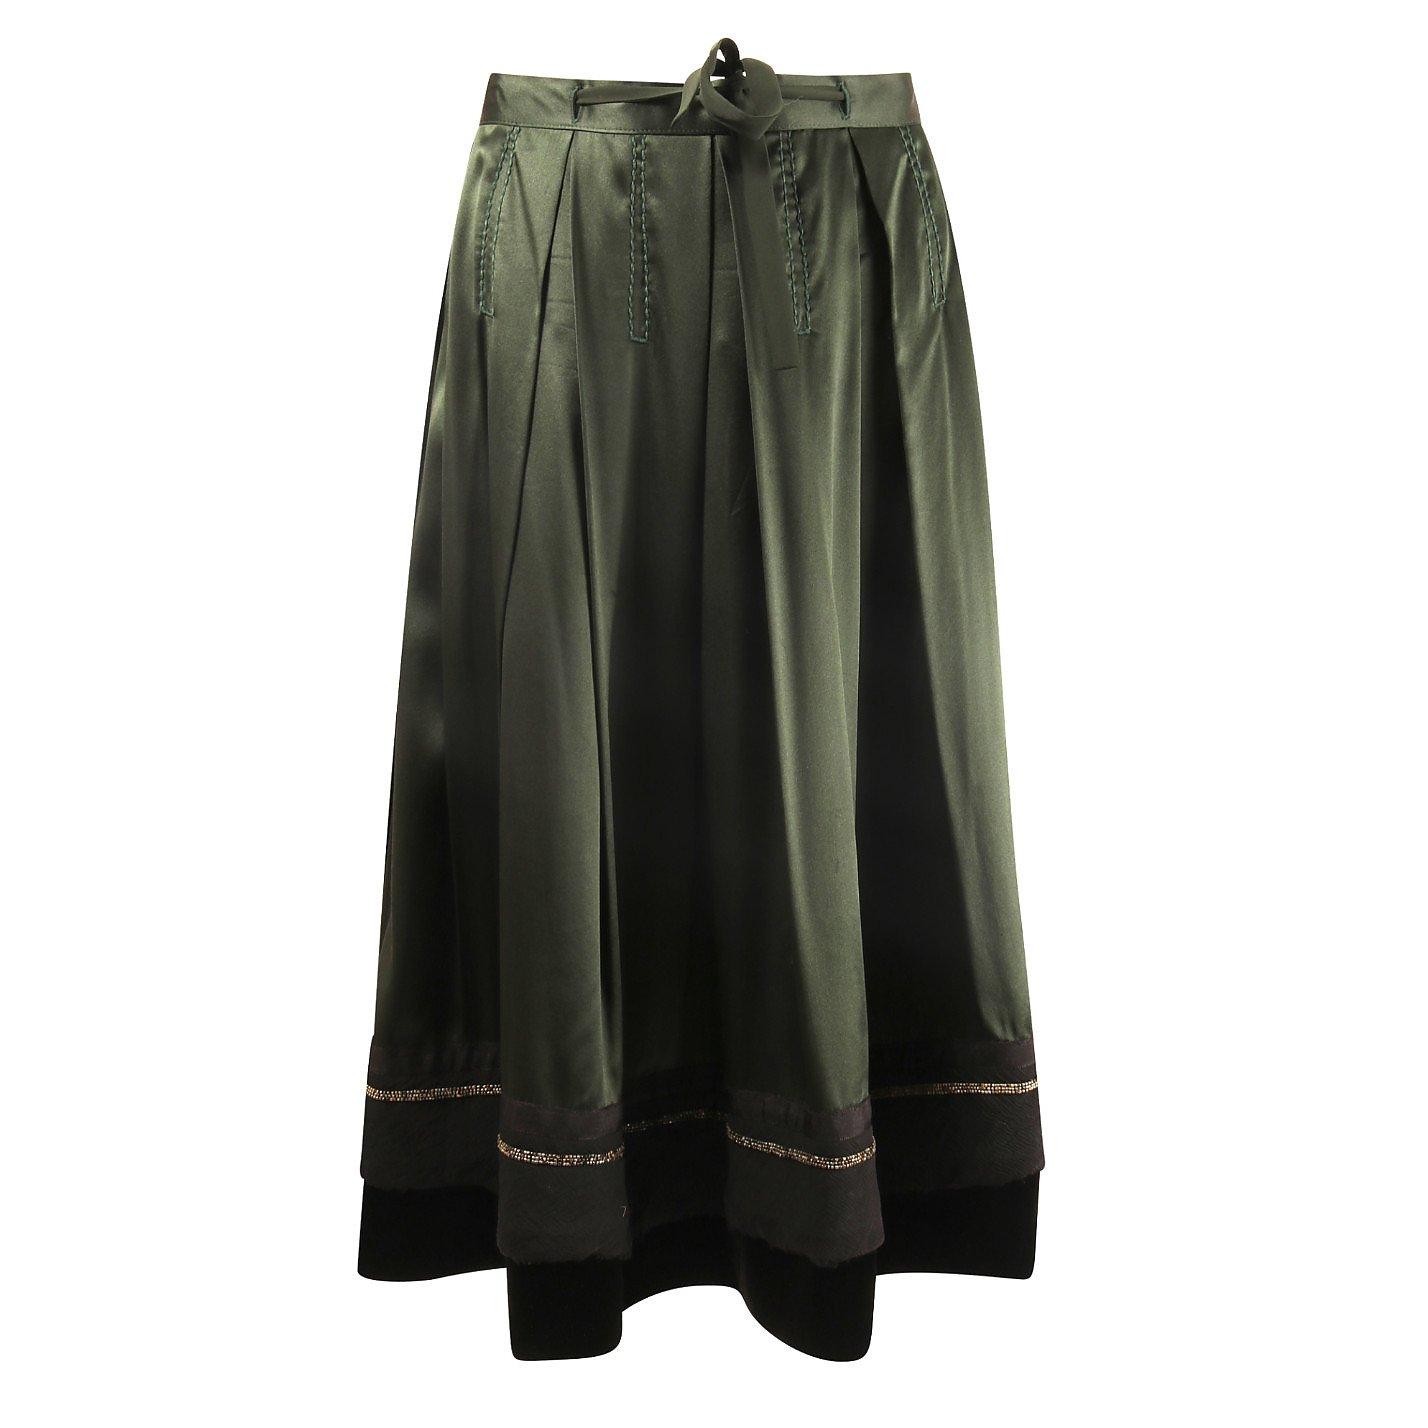 Chloé Embellished Applique Silk Skirt